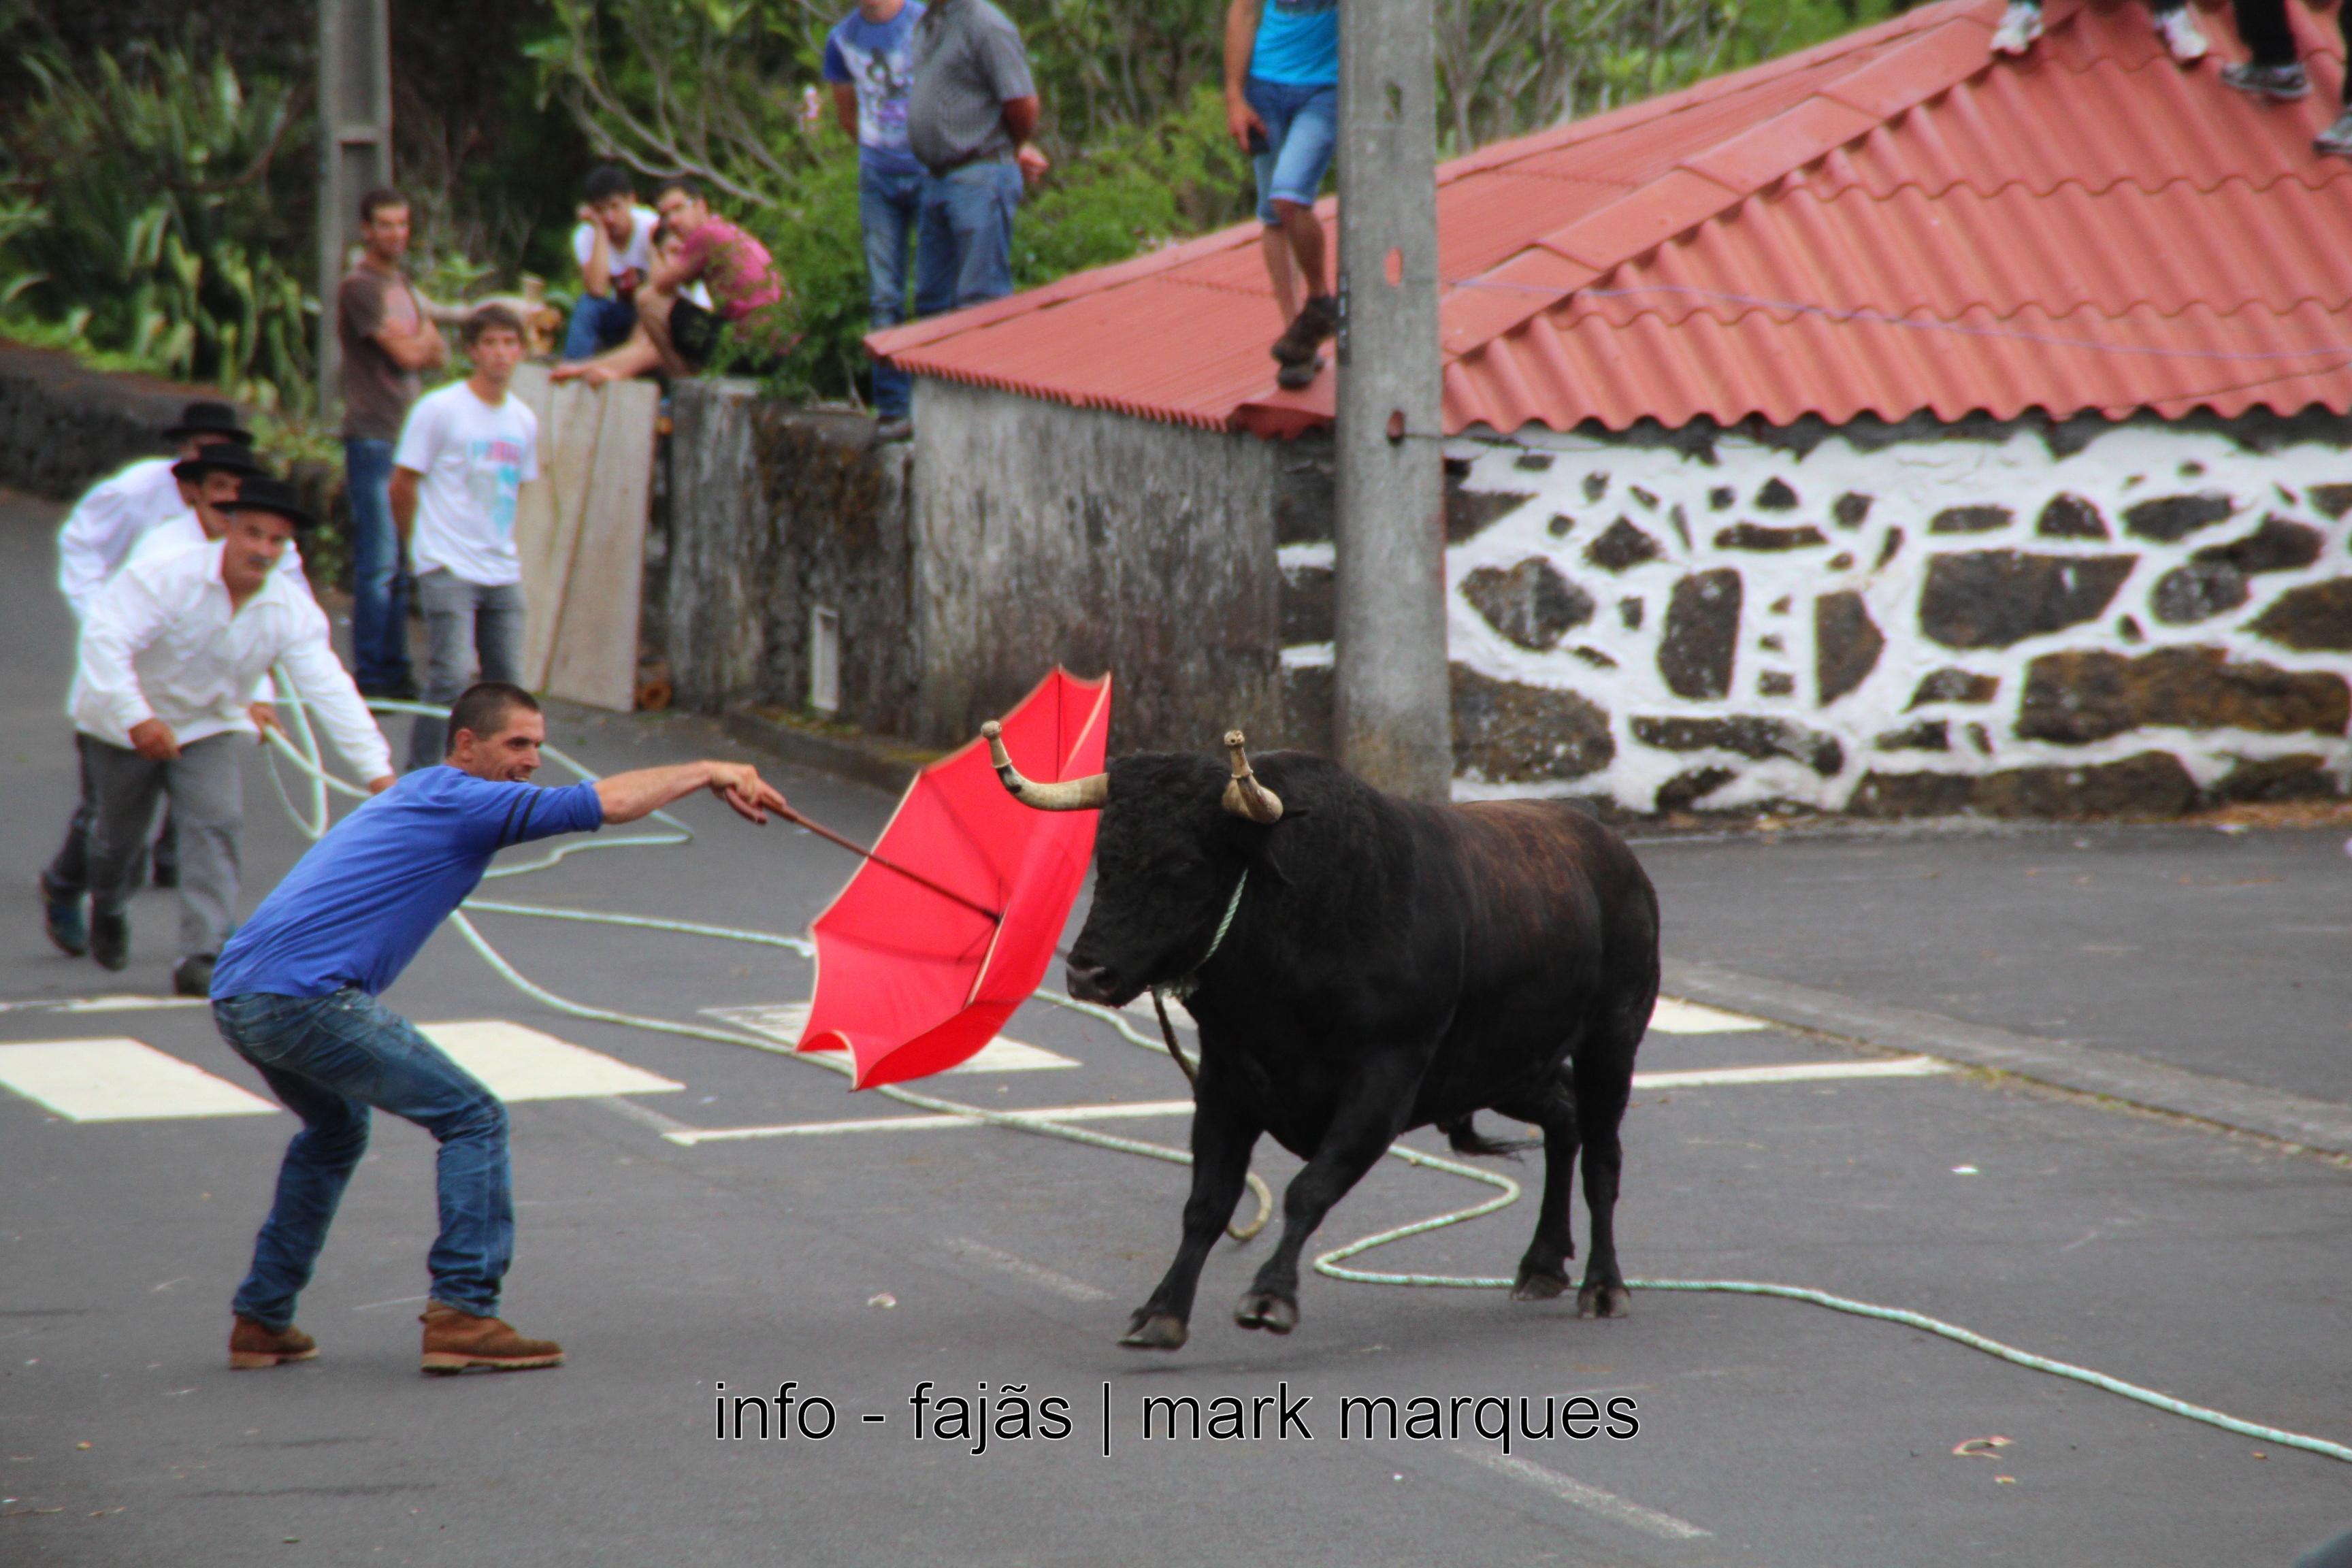 TOURADA À CORDA NOS TERREIROS (MANADAS) – ILHA DE S. JORGE. (reportagem fotográfica)